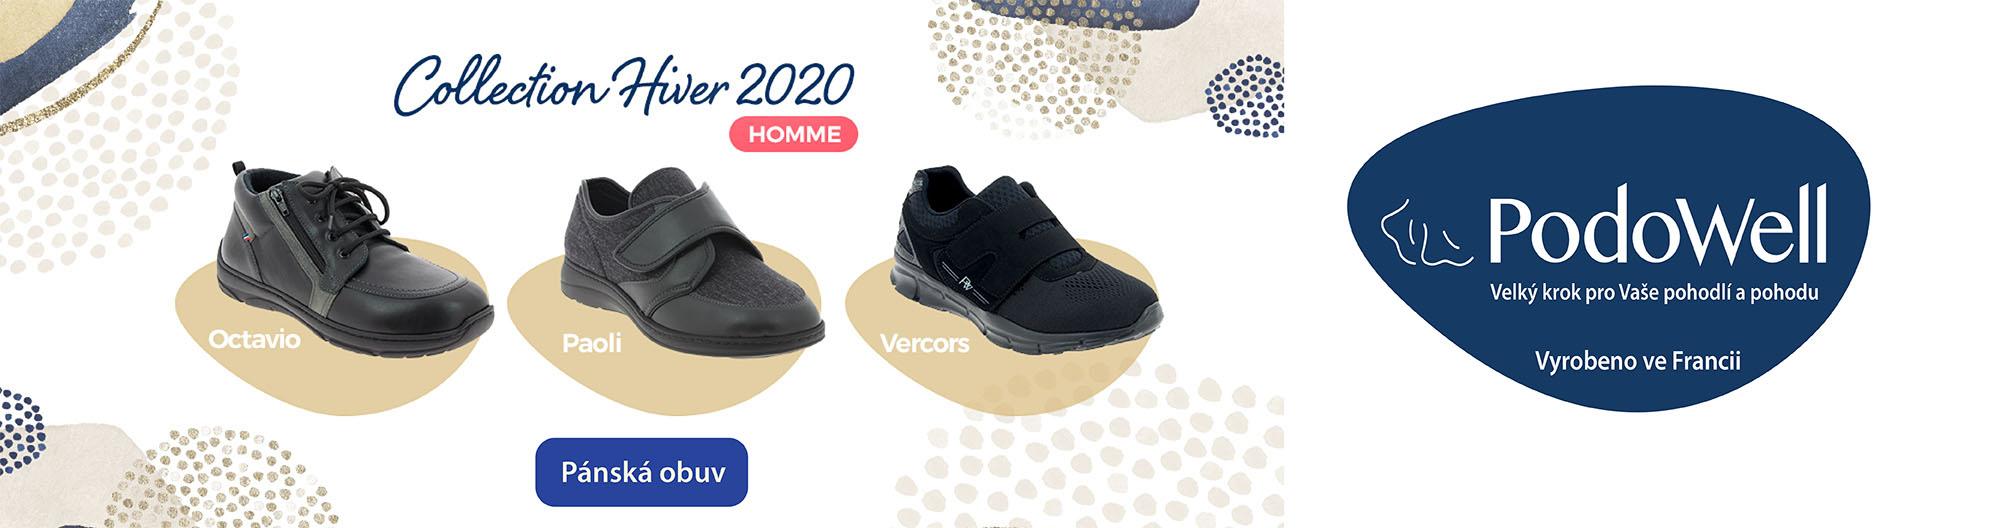 Podowell, pánská obuv, zdravotní obuv